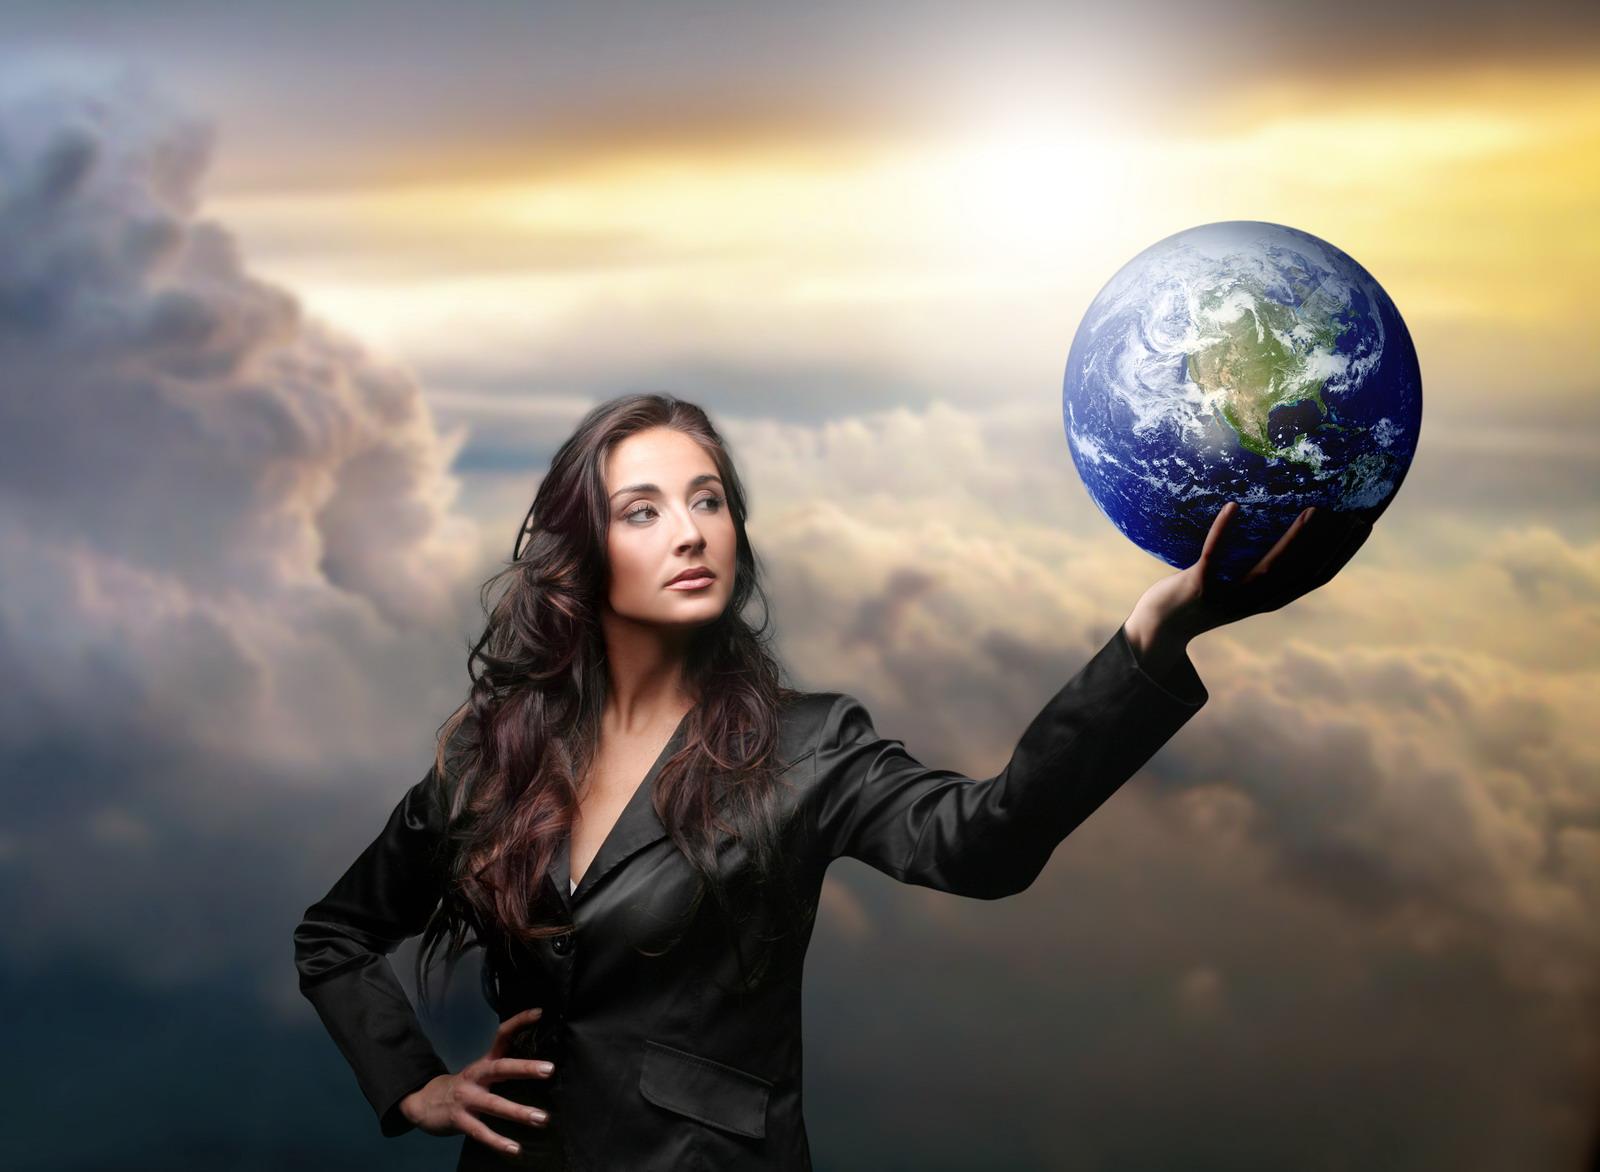 Женщина в современном мире находится всегда в состоянии войны. Фото http://i.psyexist.ru/